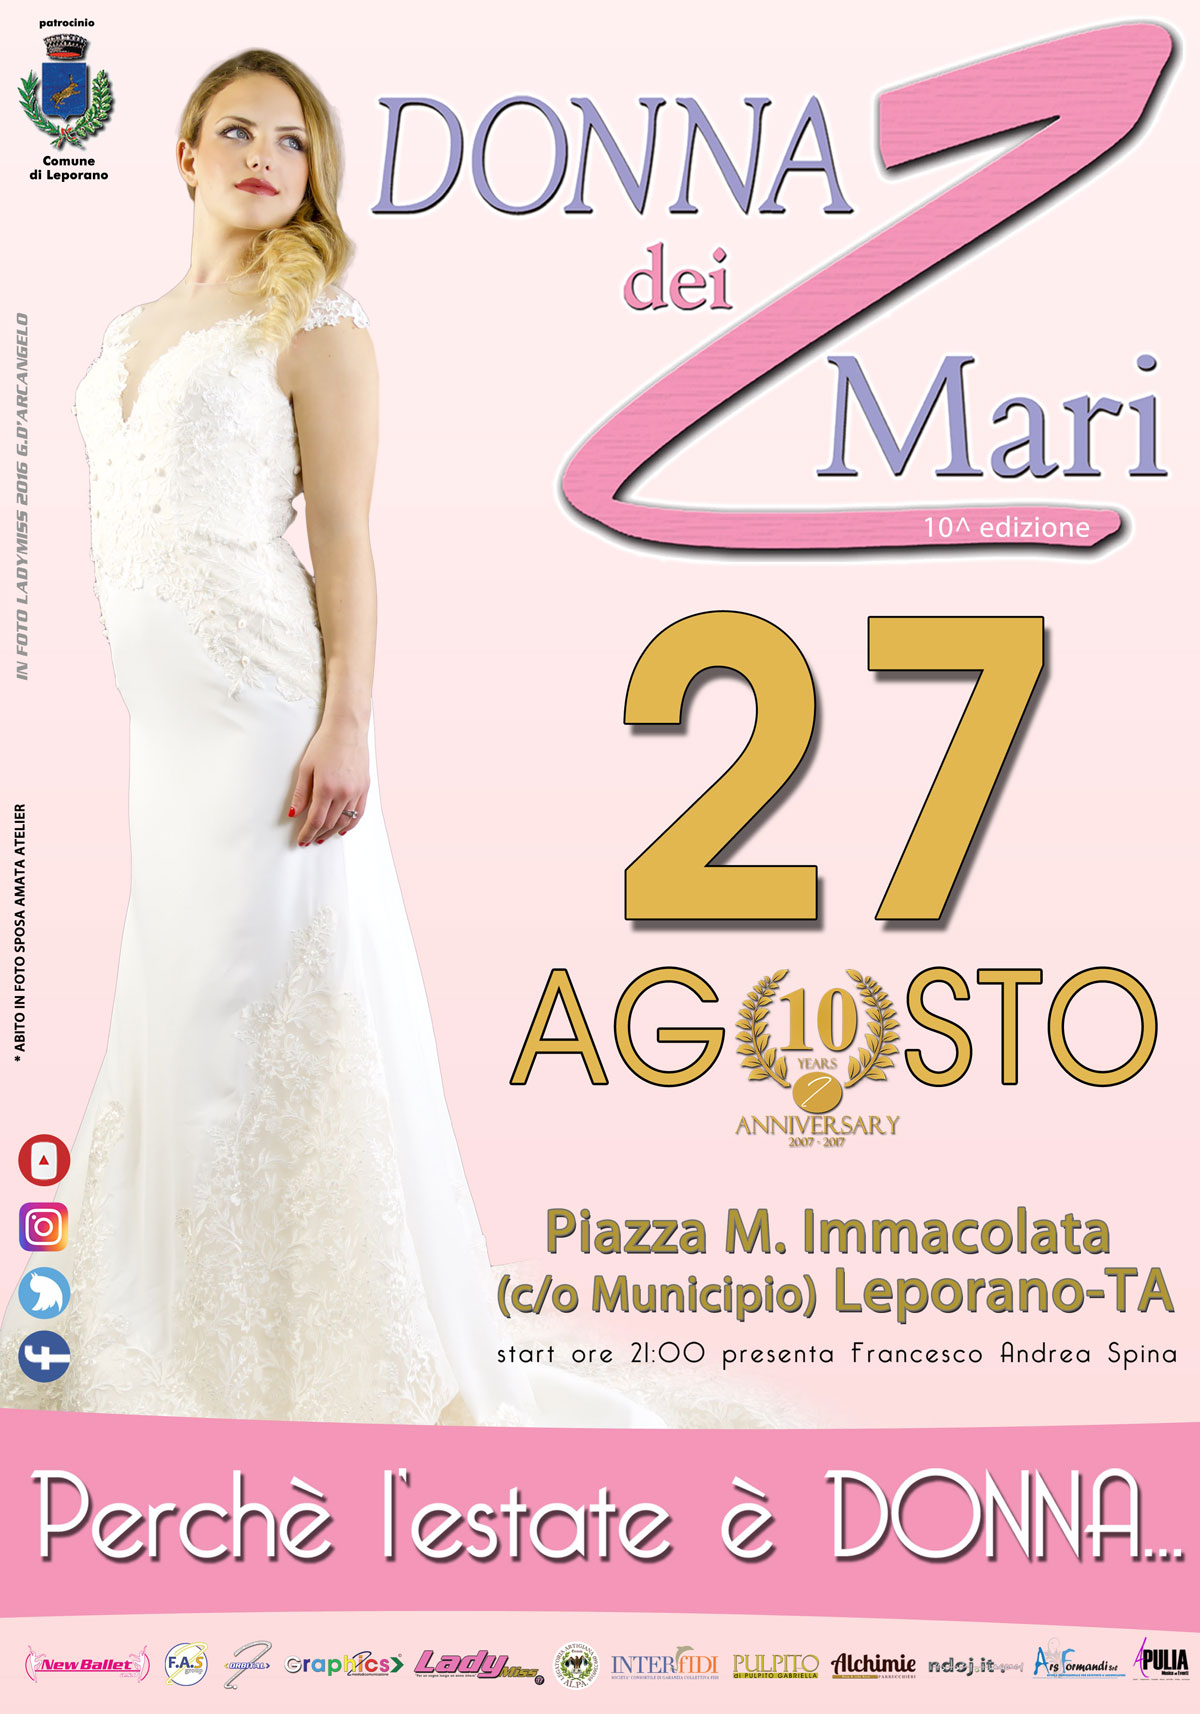 manifesto-ufficiale-donna-dei-due-mari-decima-edizione